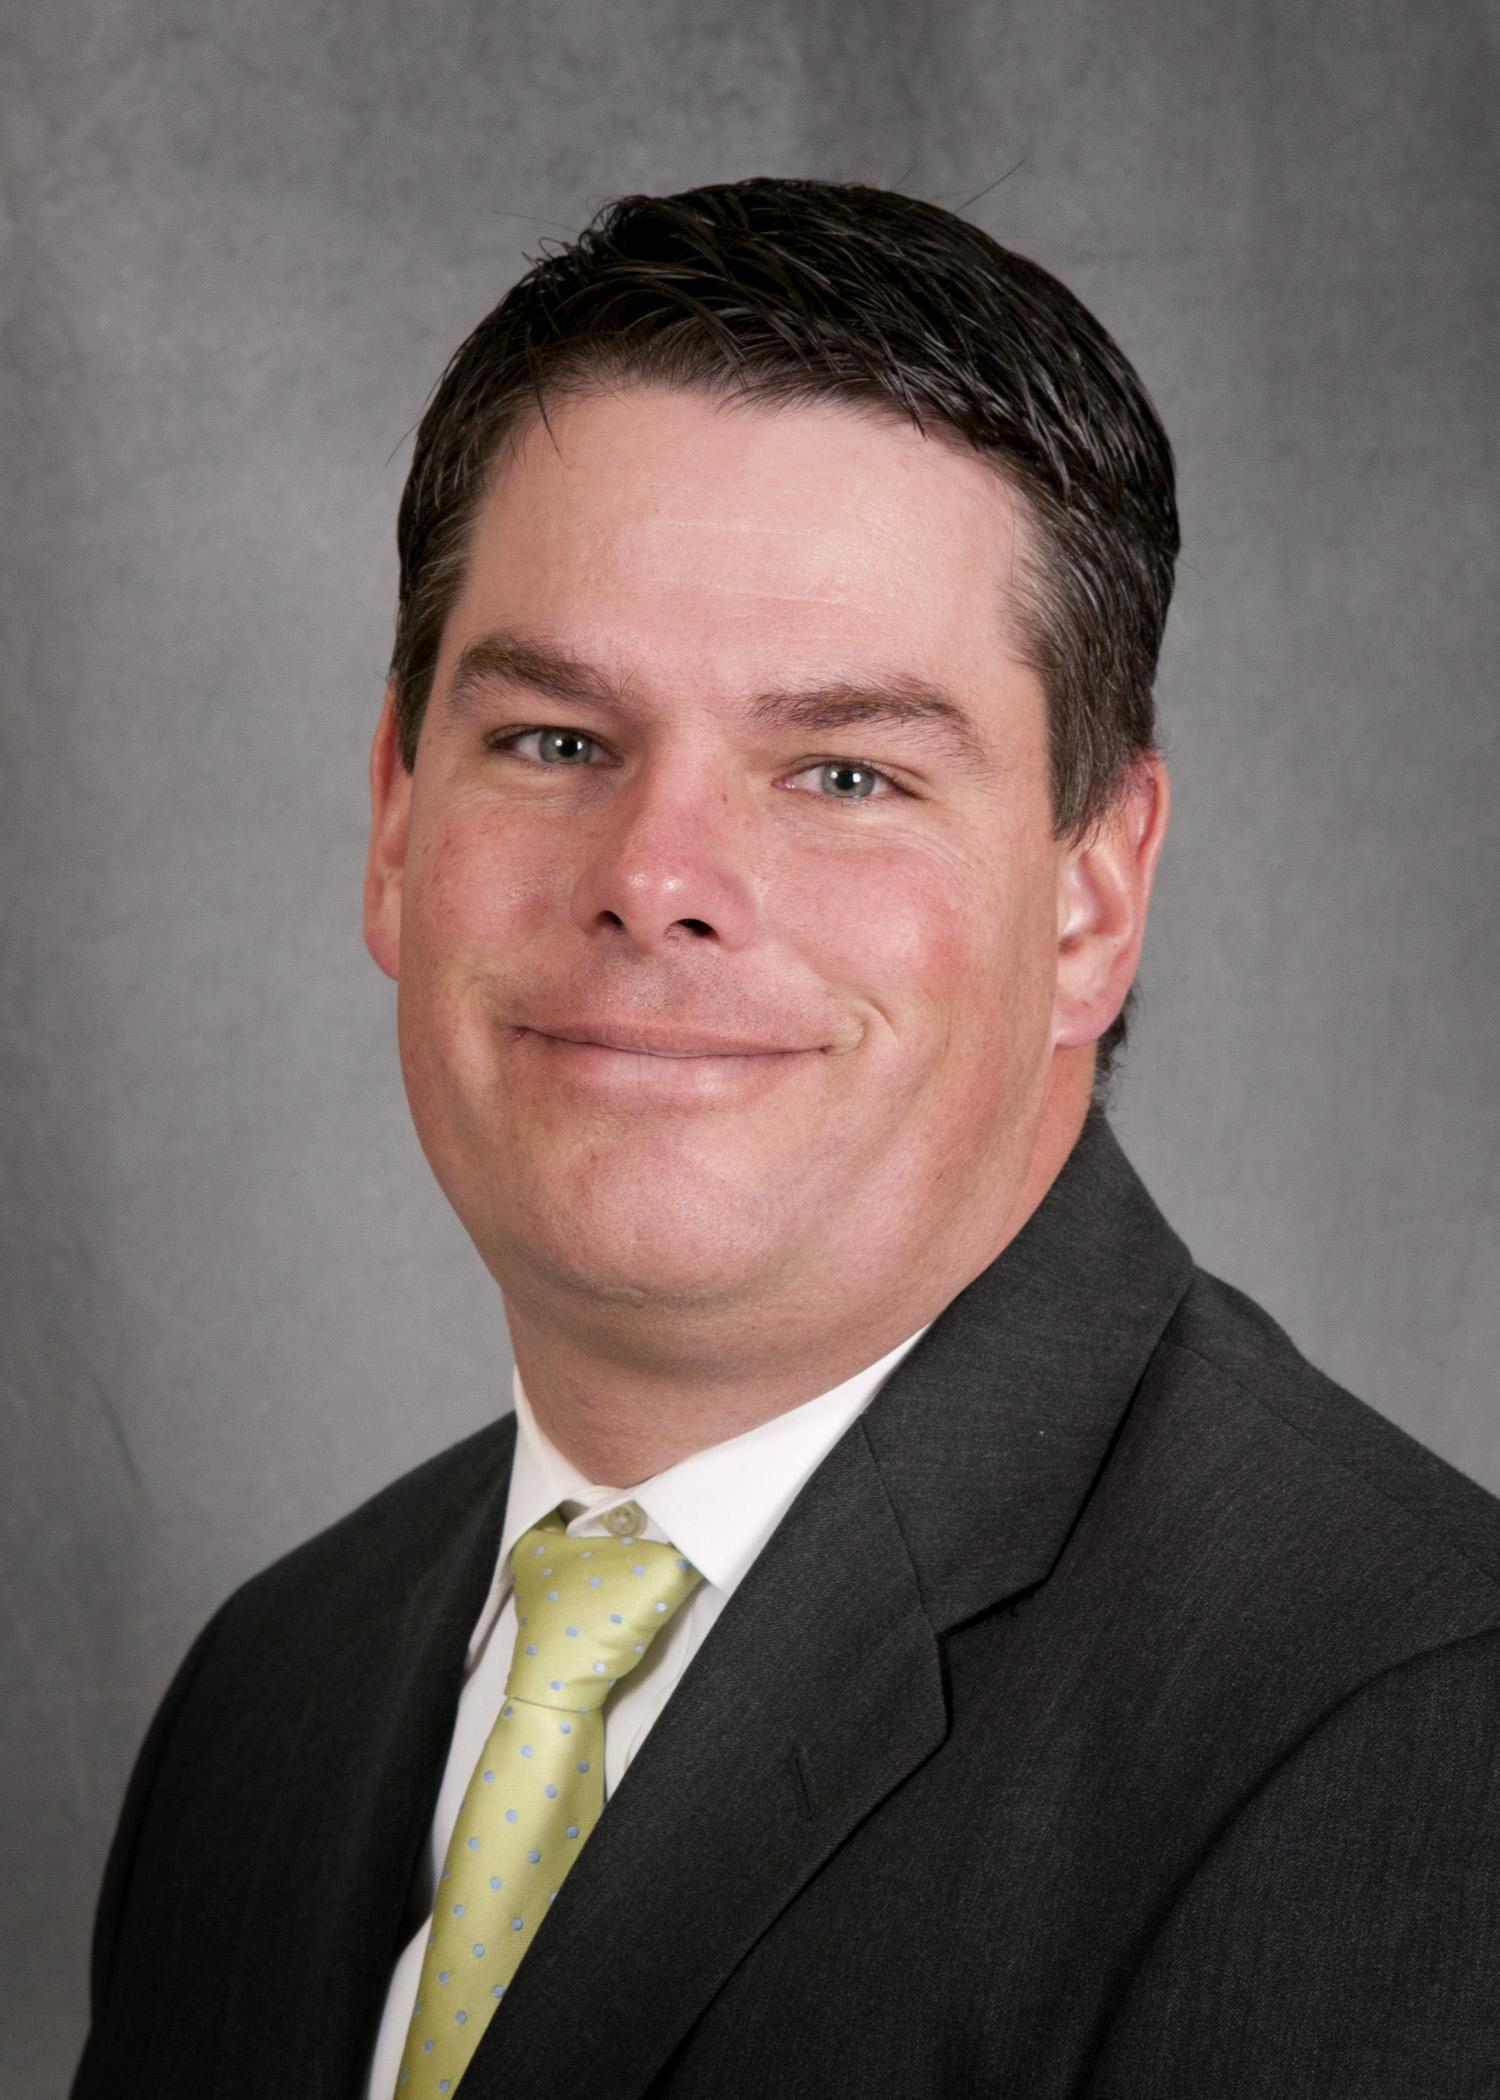 Matt Mundy